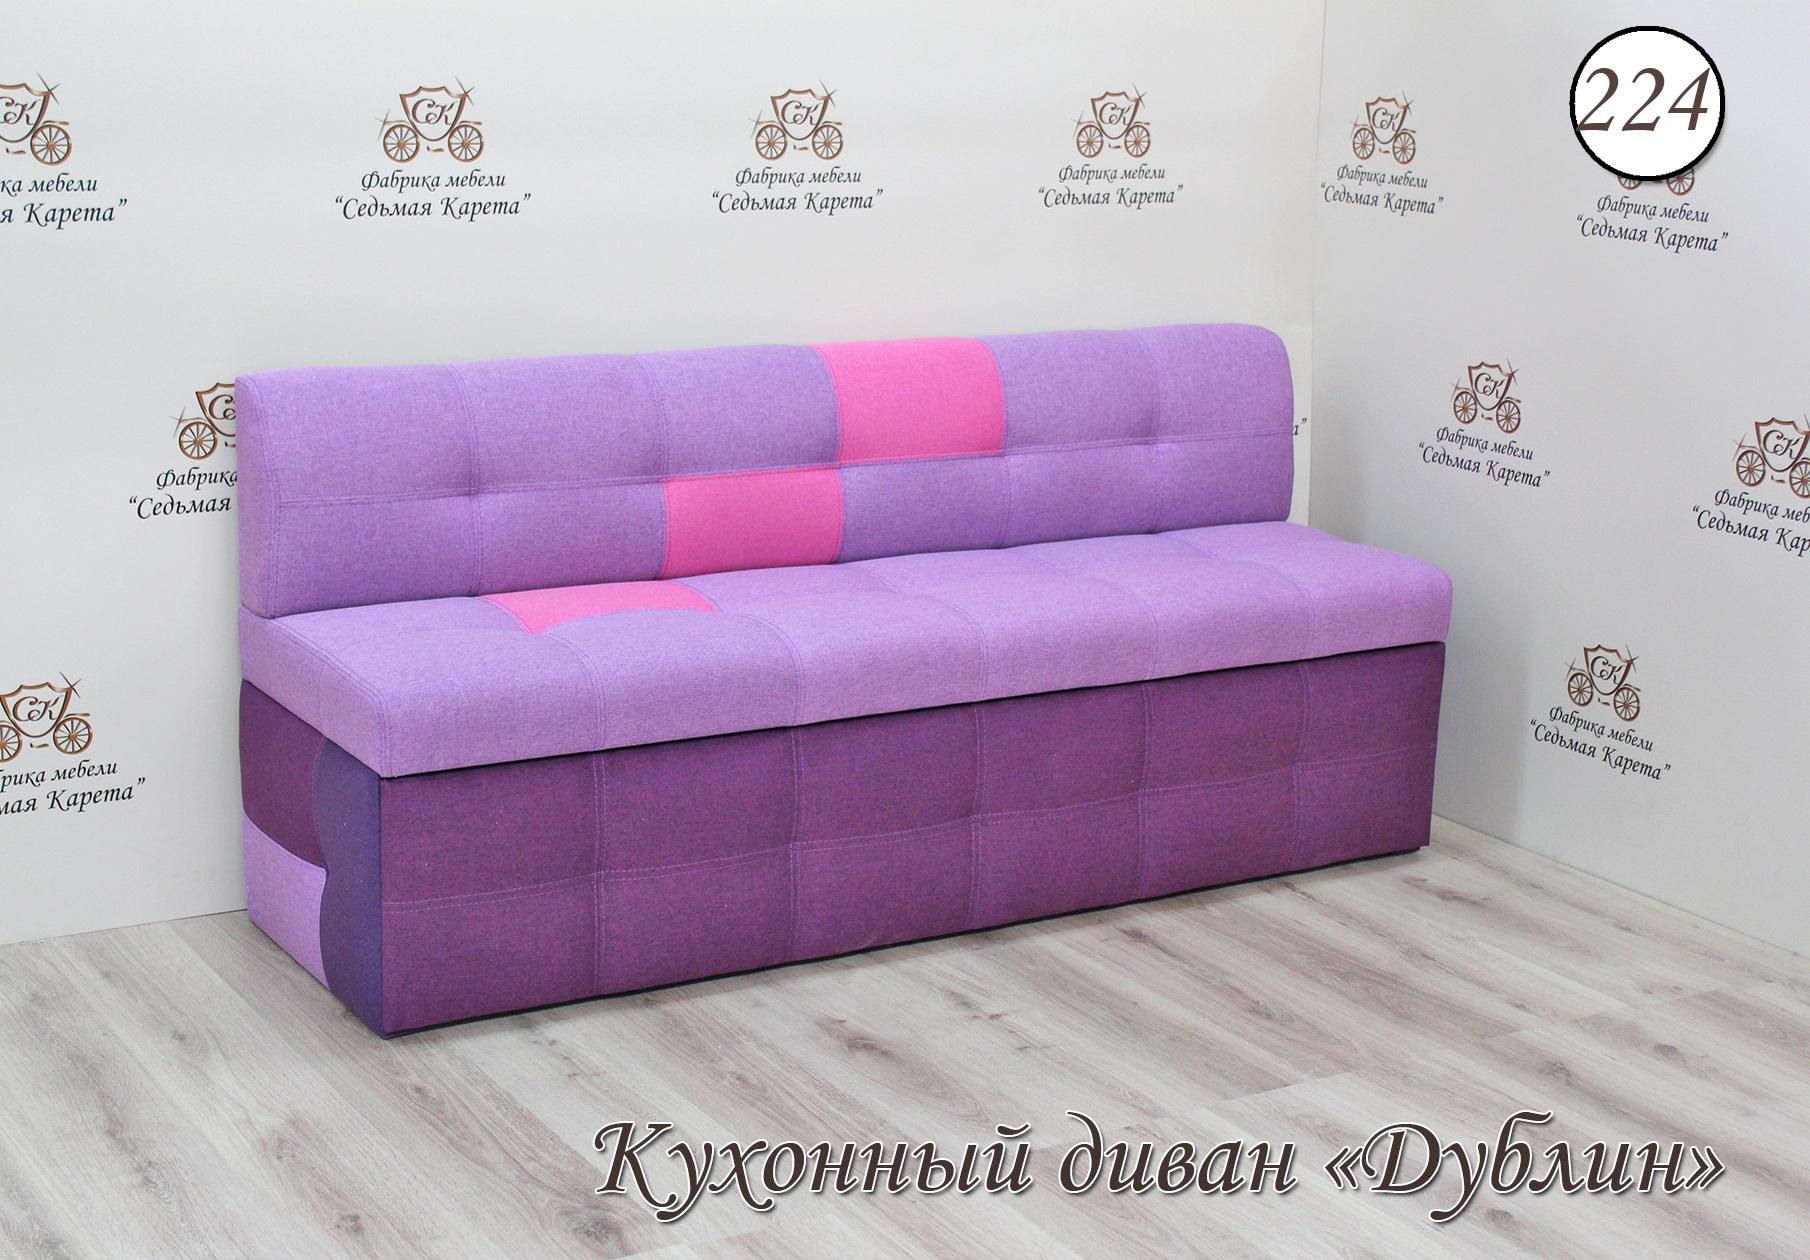 Кухонный диван Дублин-299